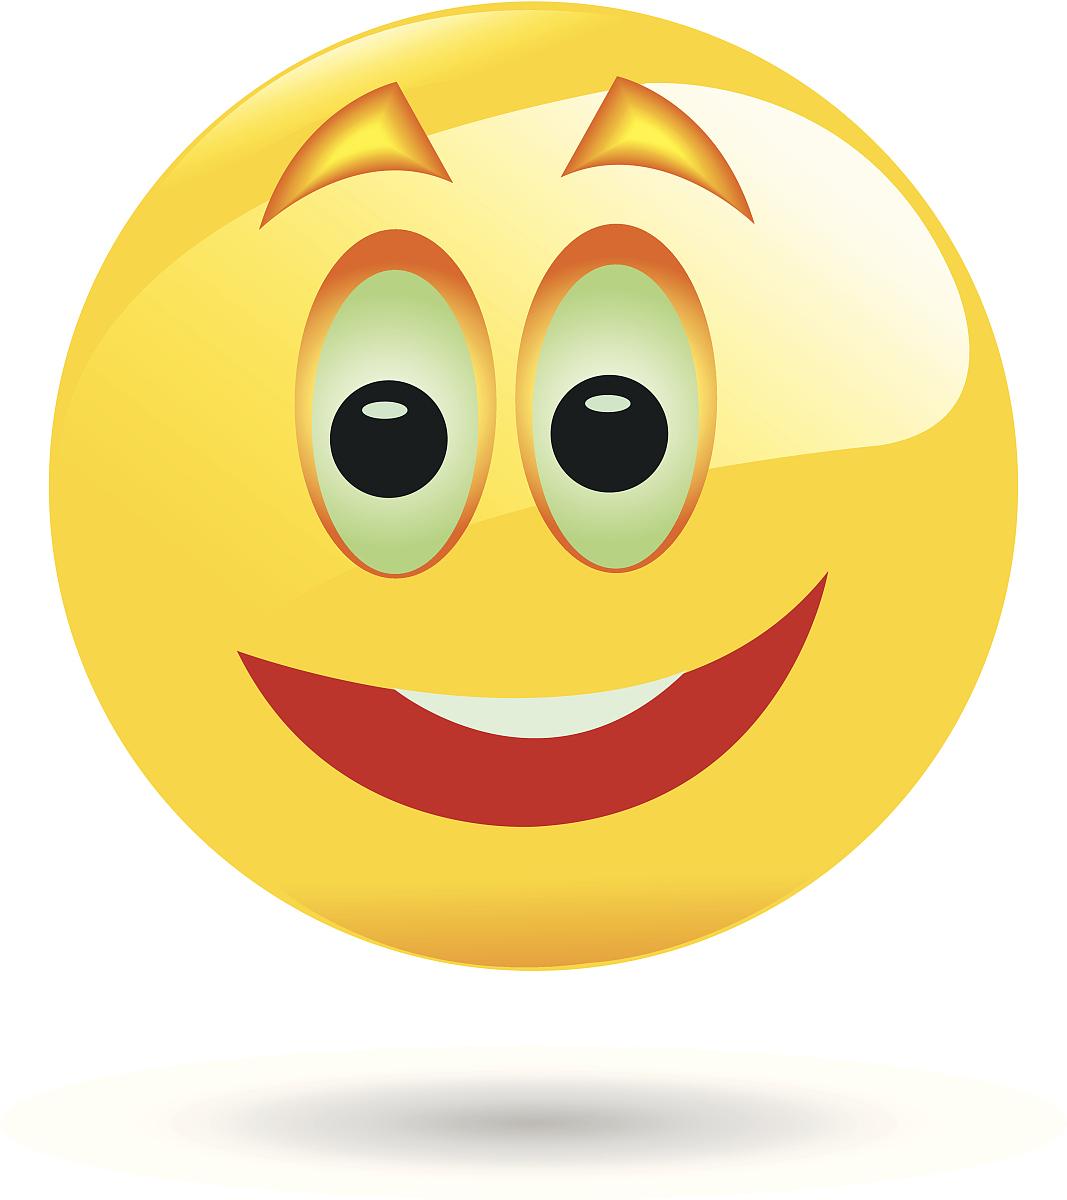 概念,幸福,快乐,微笑,计算机图标,笑脸,图标,卡通,表情符号,矢量,似图图片